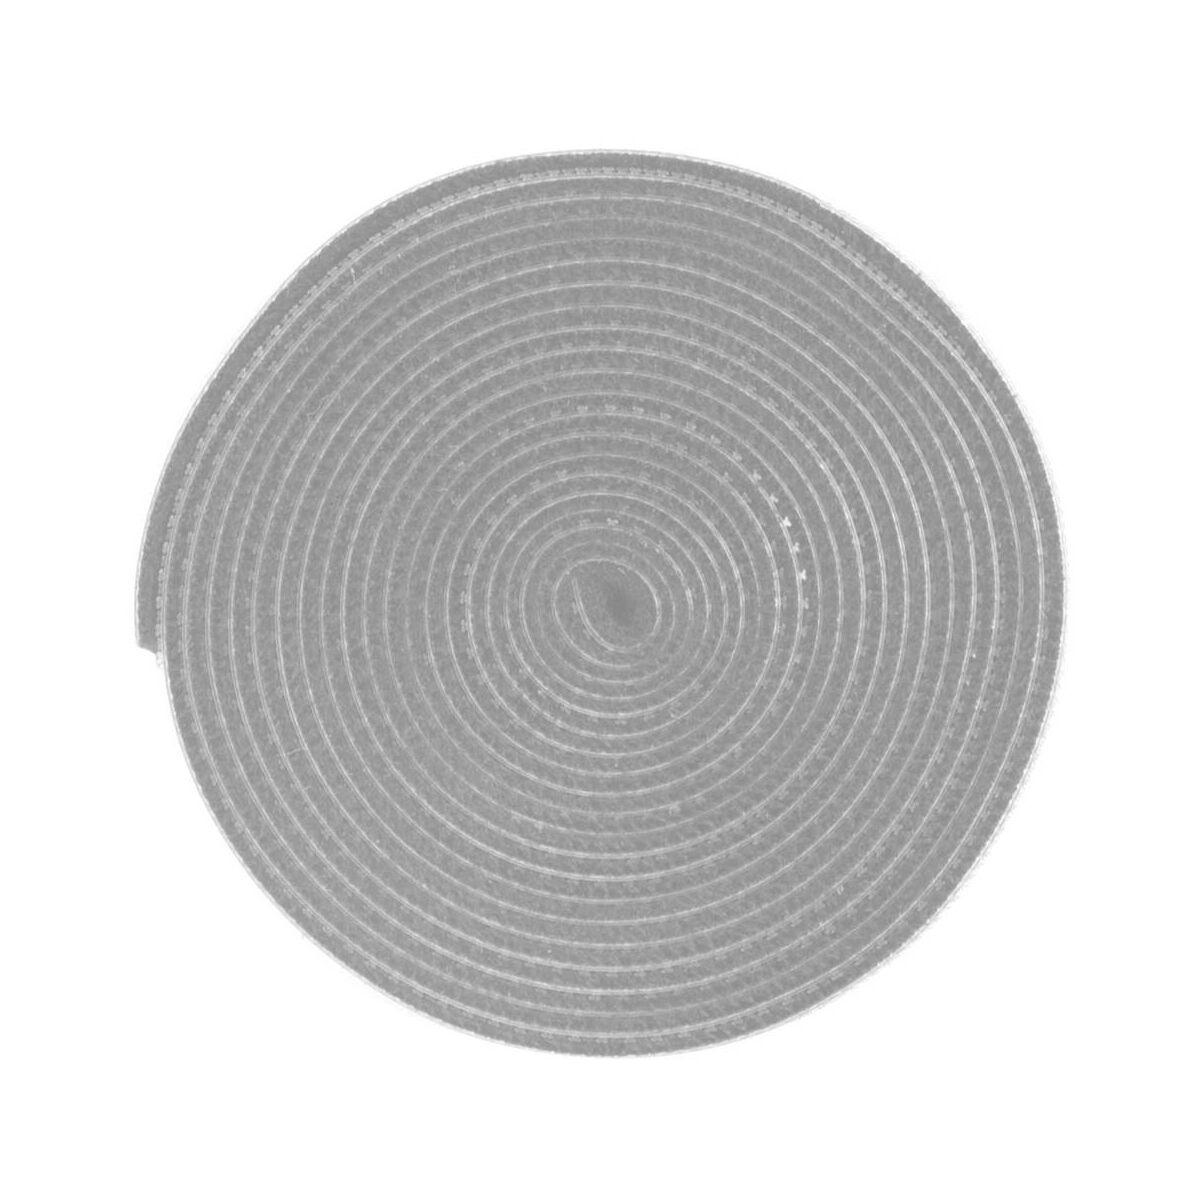 Baseus kiegészítő Rainbow Circle tépőzáras vágható kötegelő csík, 3m, szürke (ACMGT-F0G)